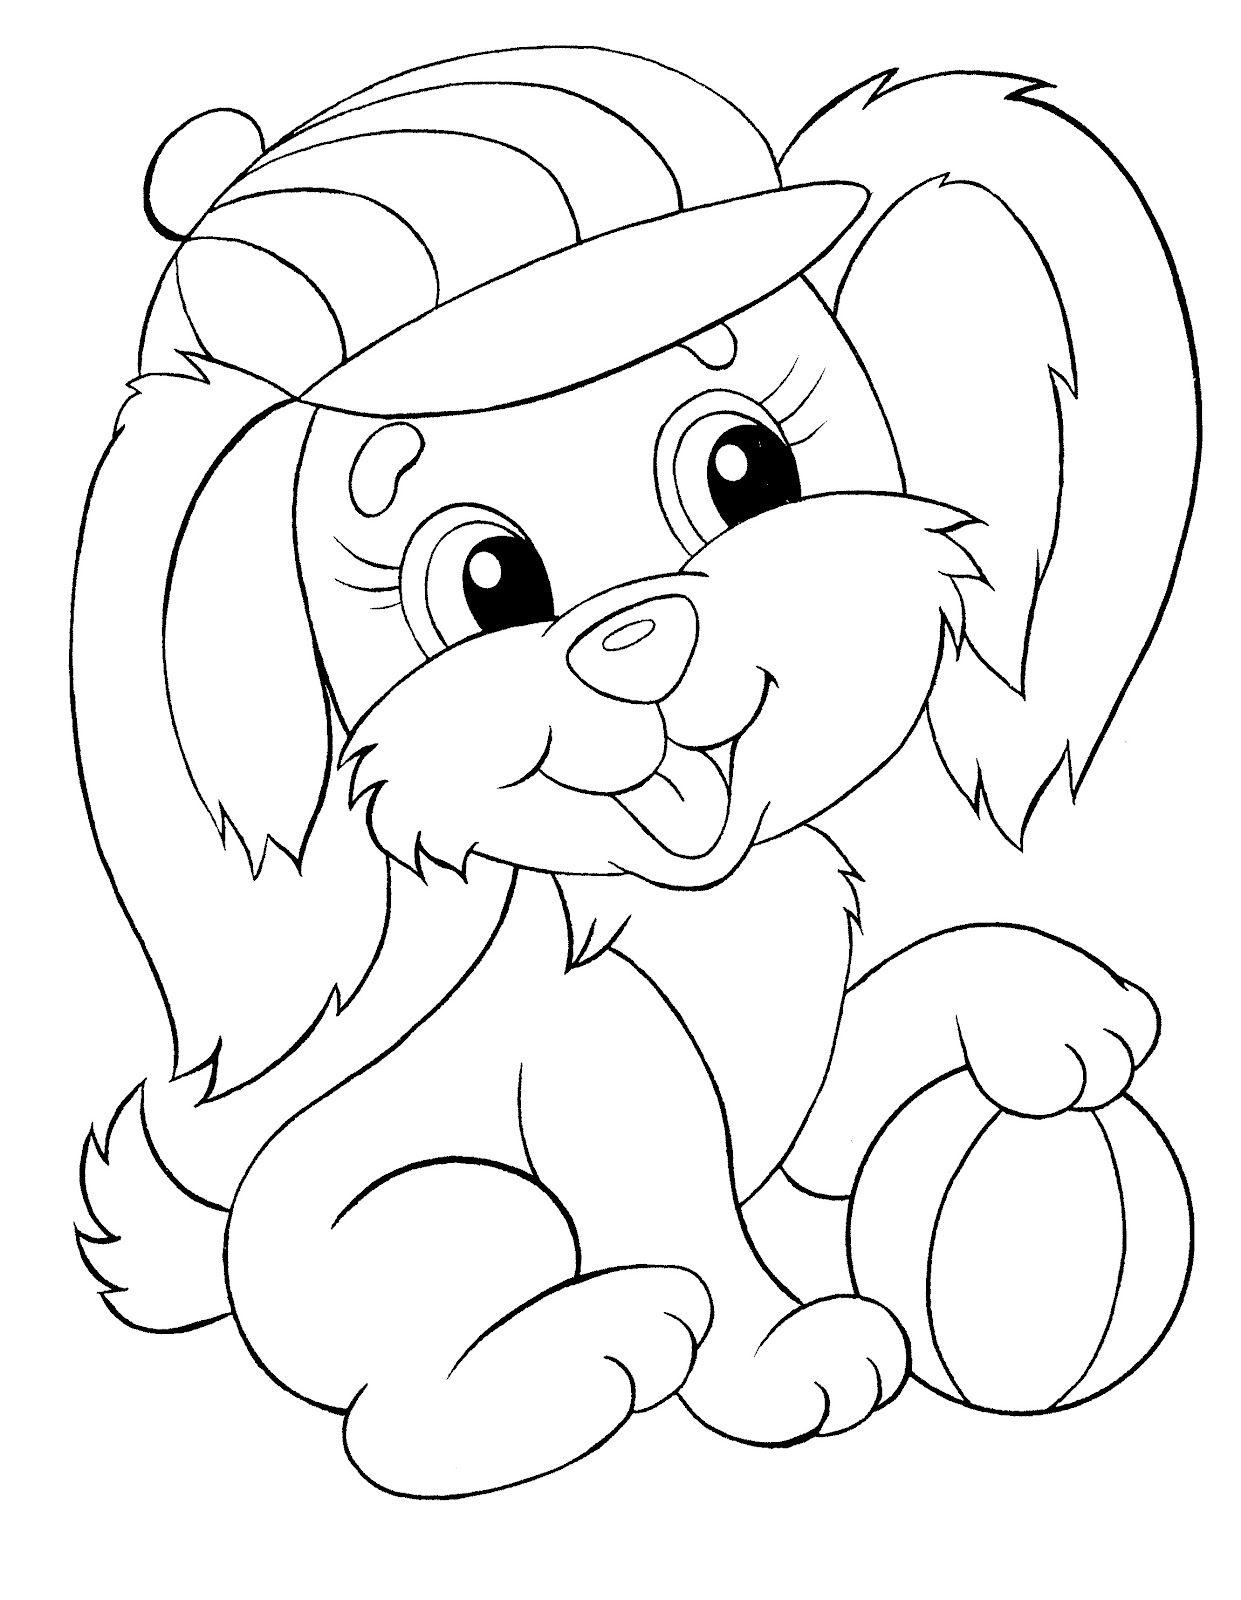 Картинка животного для детей раскраска